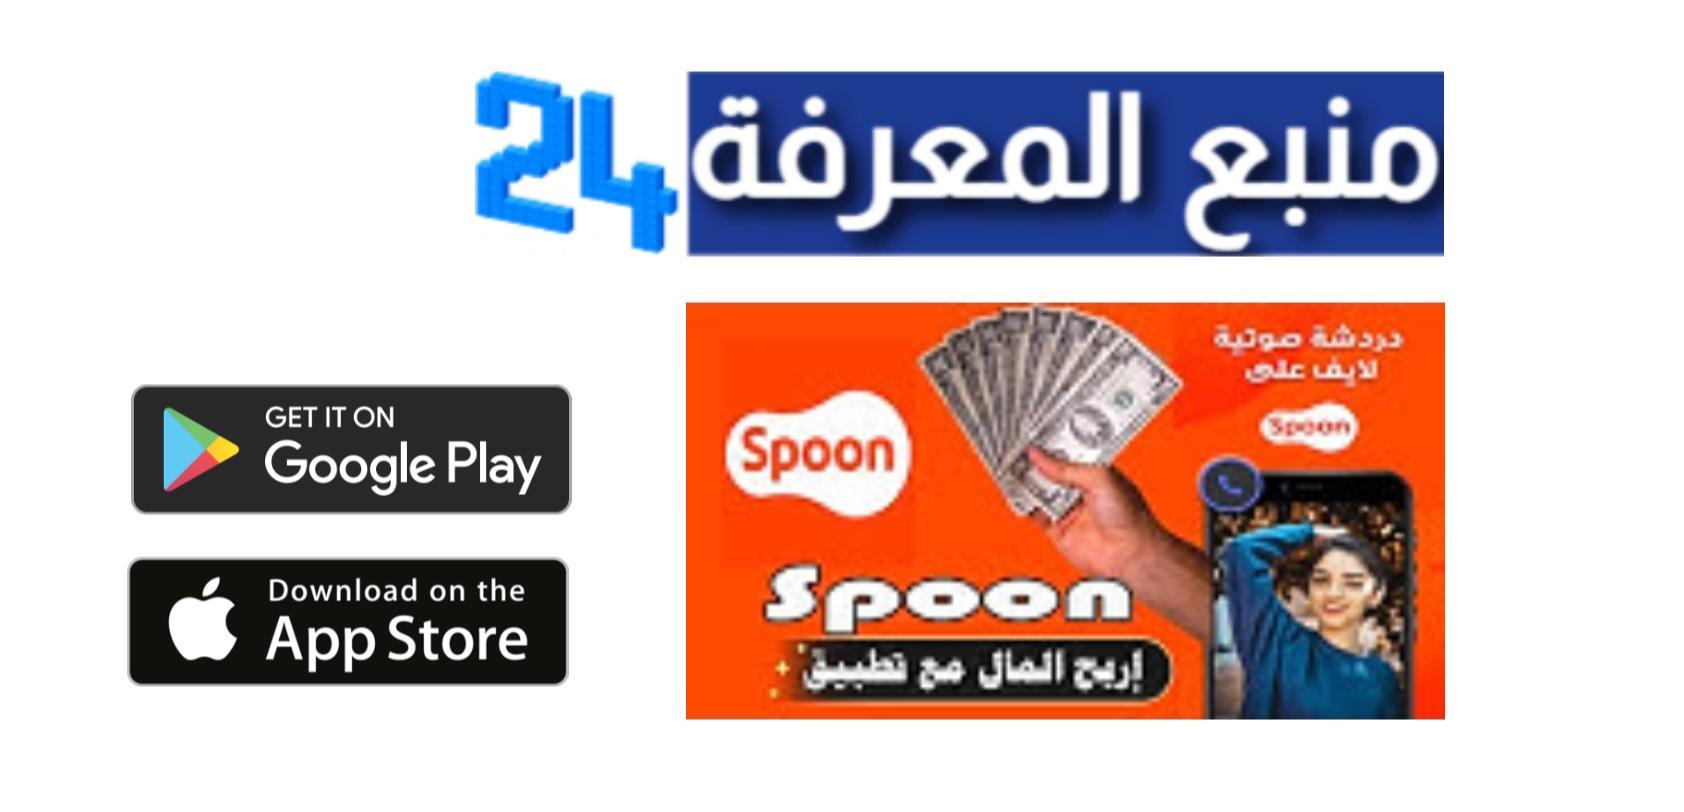 تحميل تطبيق سبون SPOON لربح المال من الهاتف